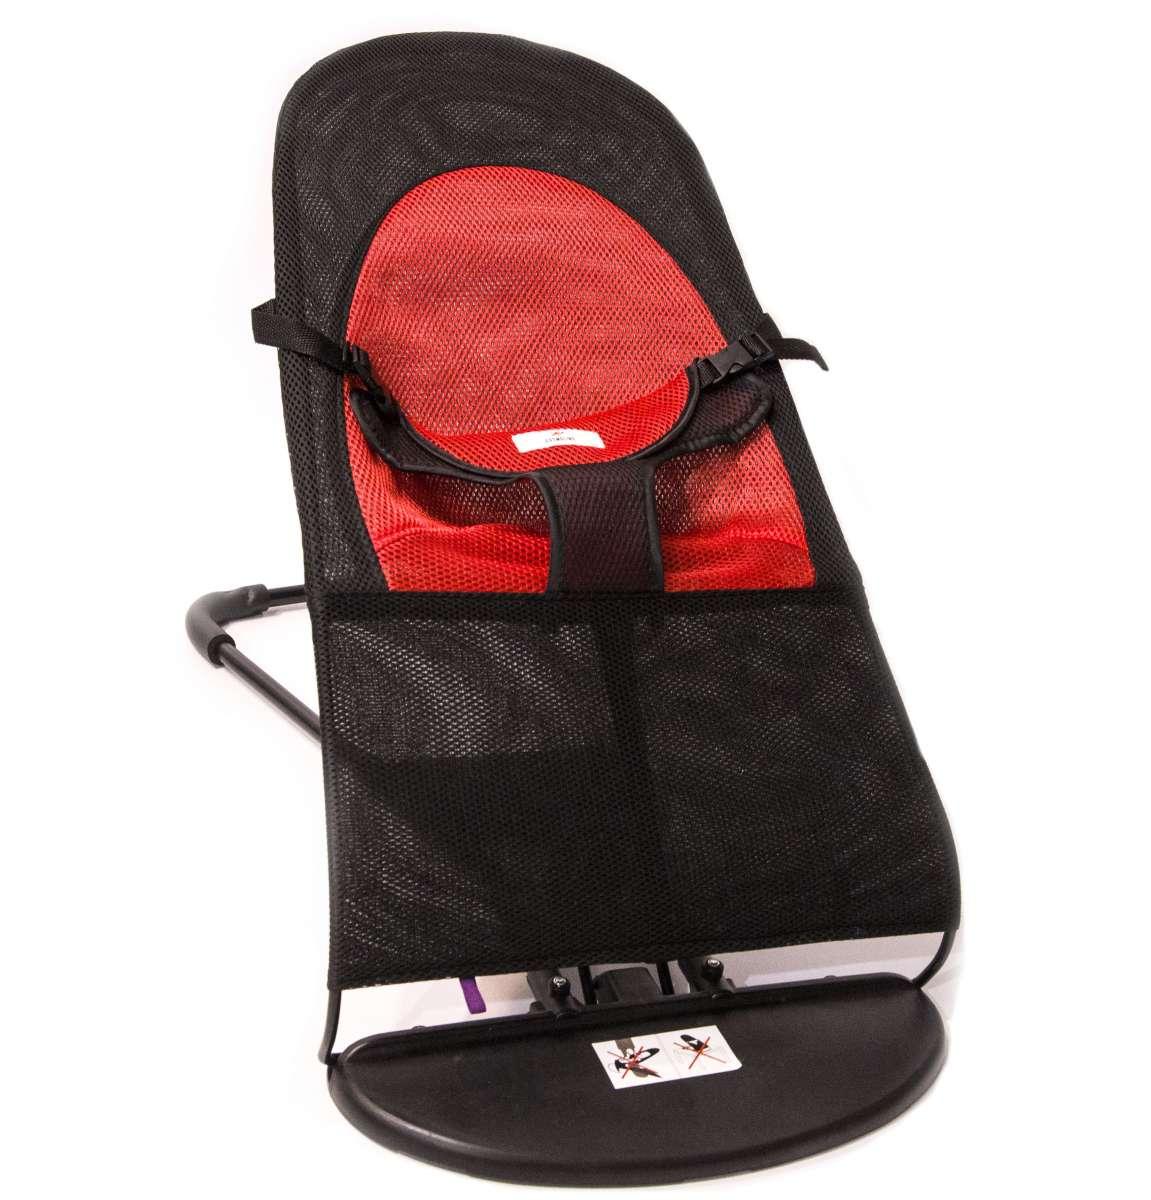 TLC Bouncer Balance Soft Mazuļu kvalitatīvs, ergonomisks šūpuļkrēsliņš (analogs Babybjorn Balance Soft) red